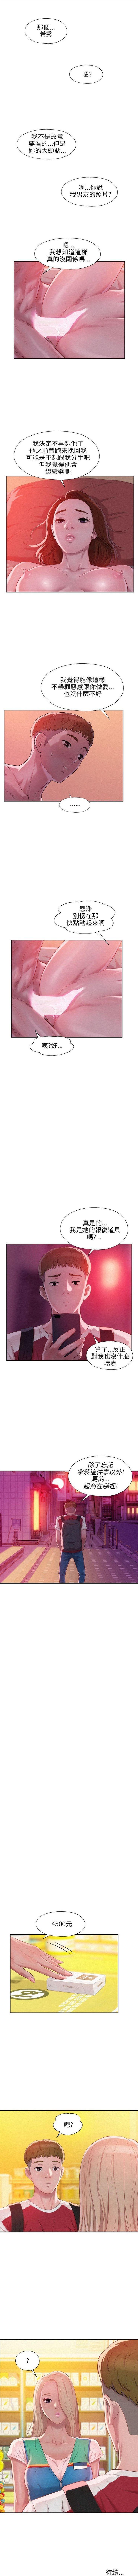 新生淫乱日记 1-61完结(中文) 146